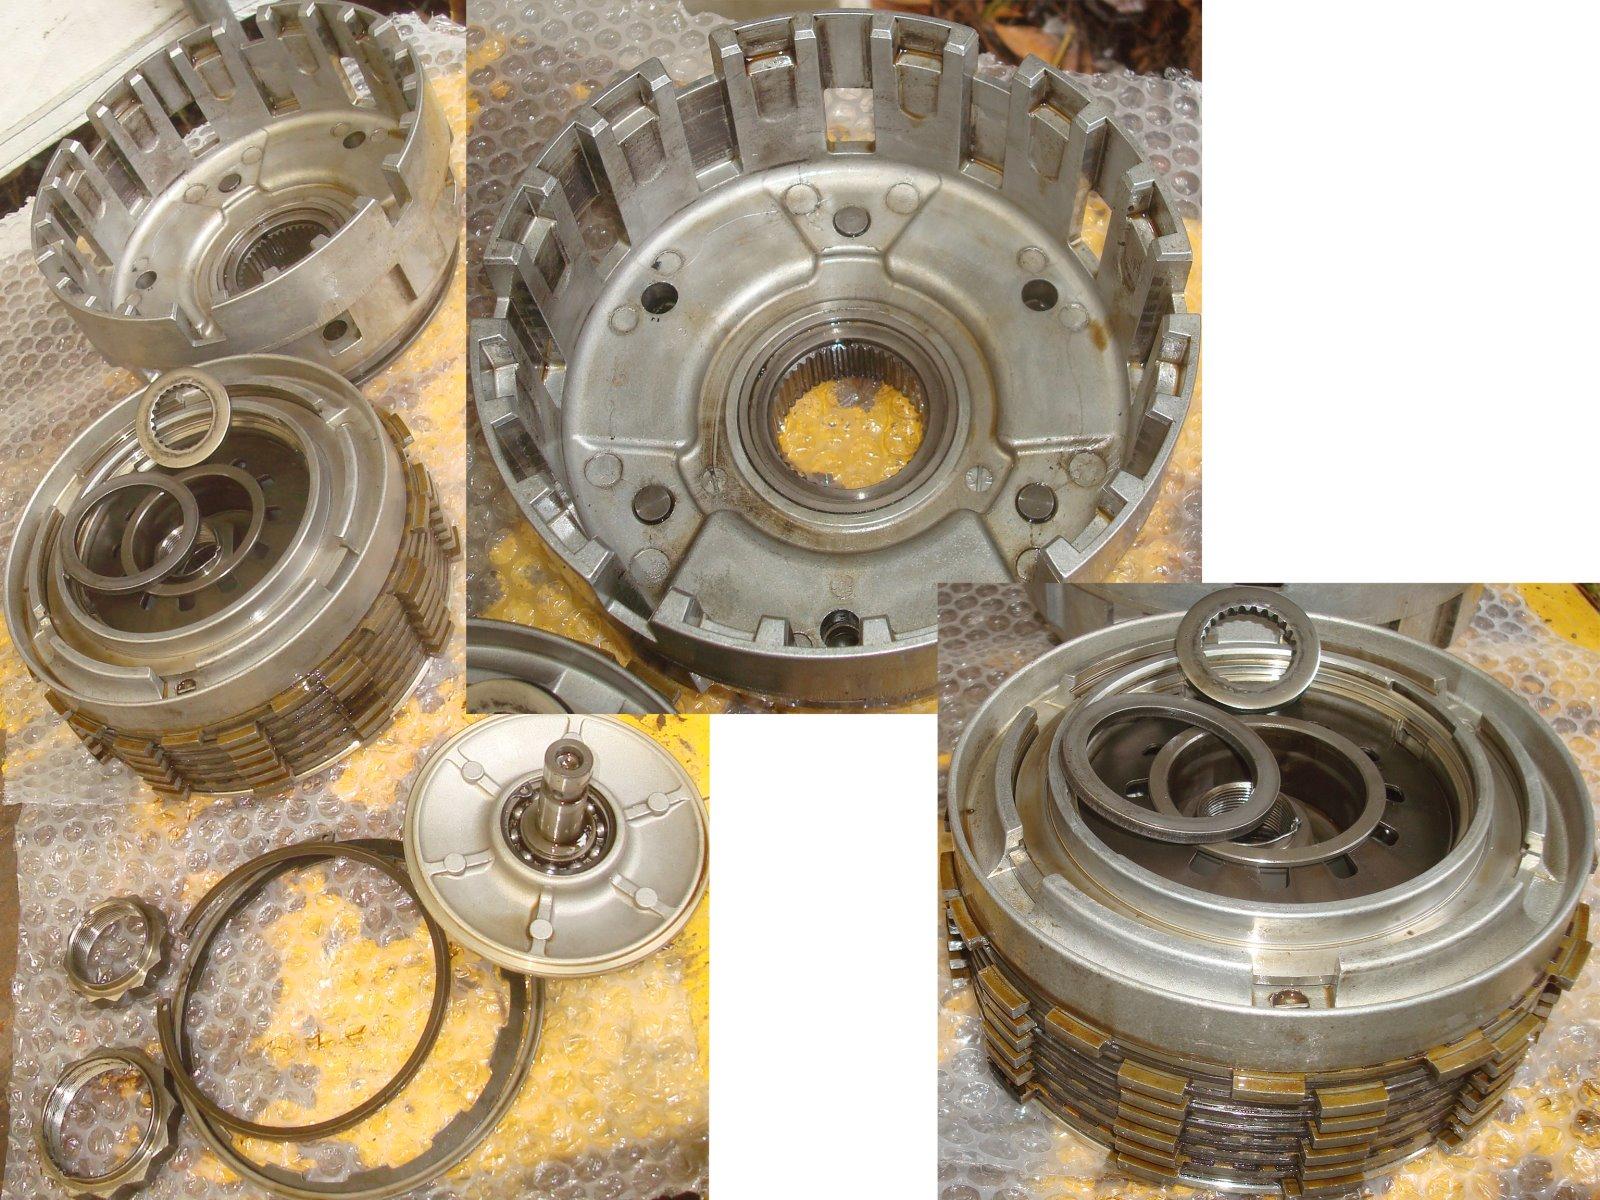 01-10 sidestand assembly including switch bolt, GL1800